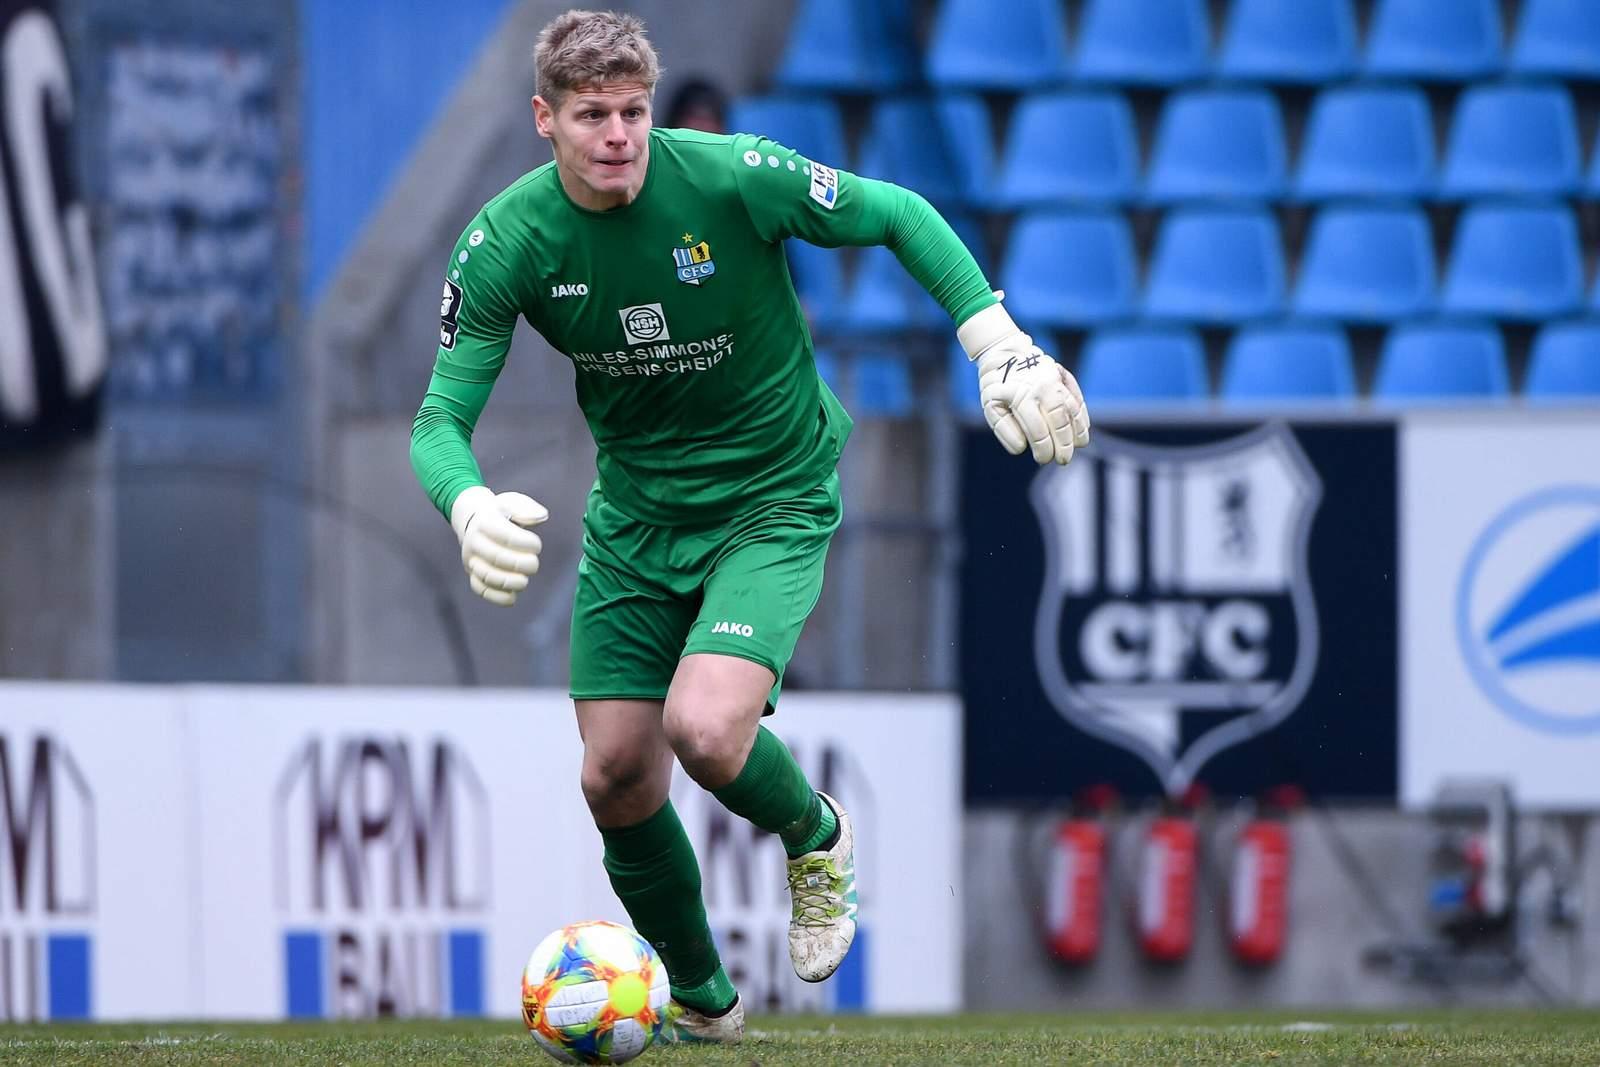 Jakub Jakubov im Spiel gegen Unterhaching.